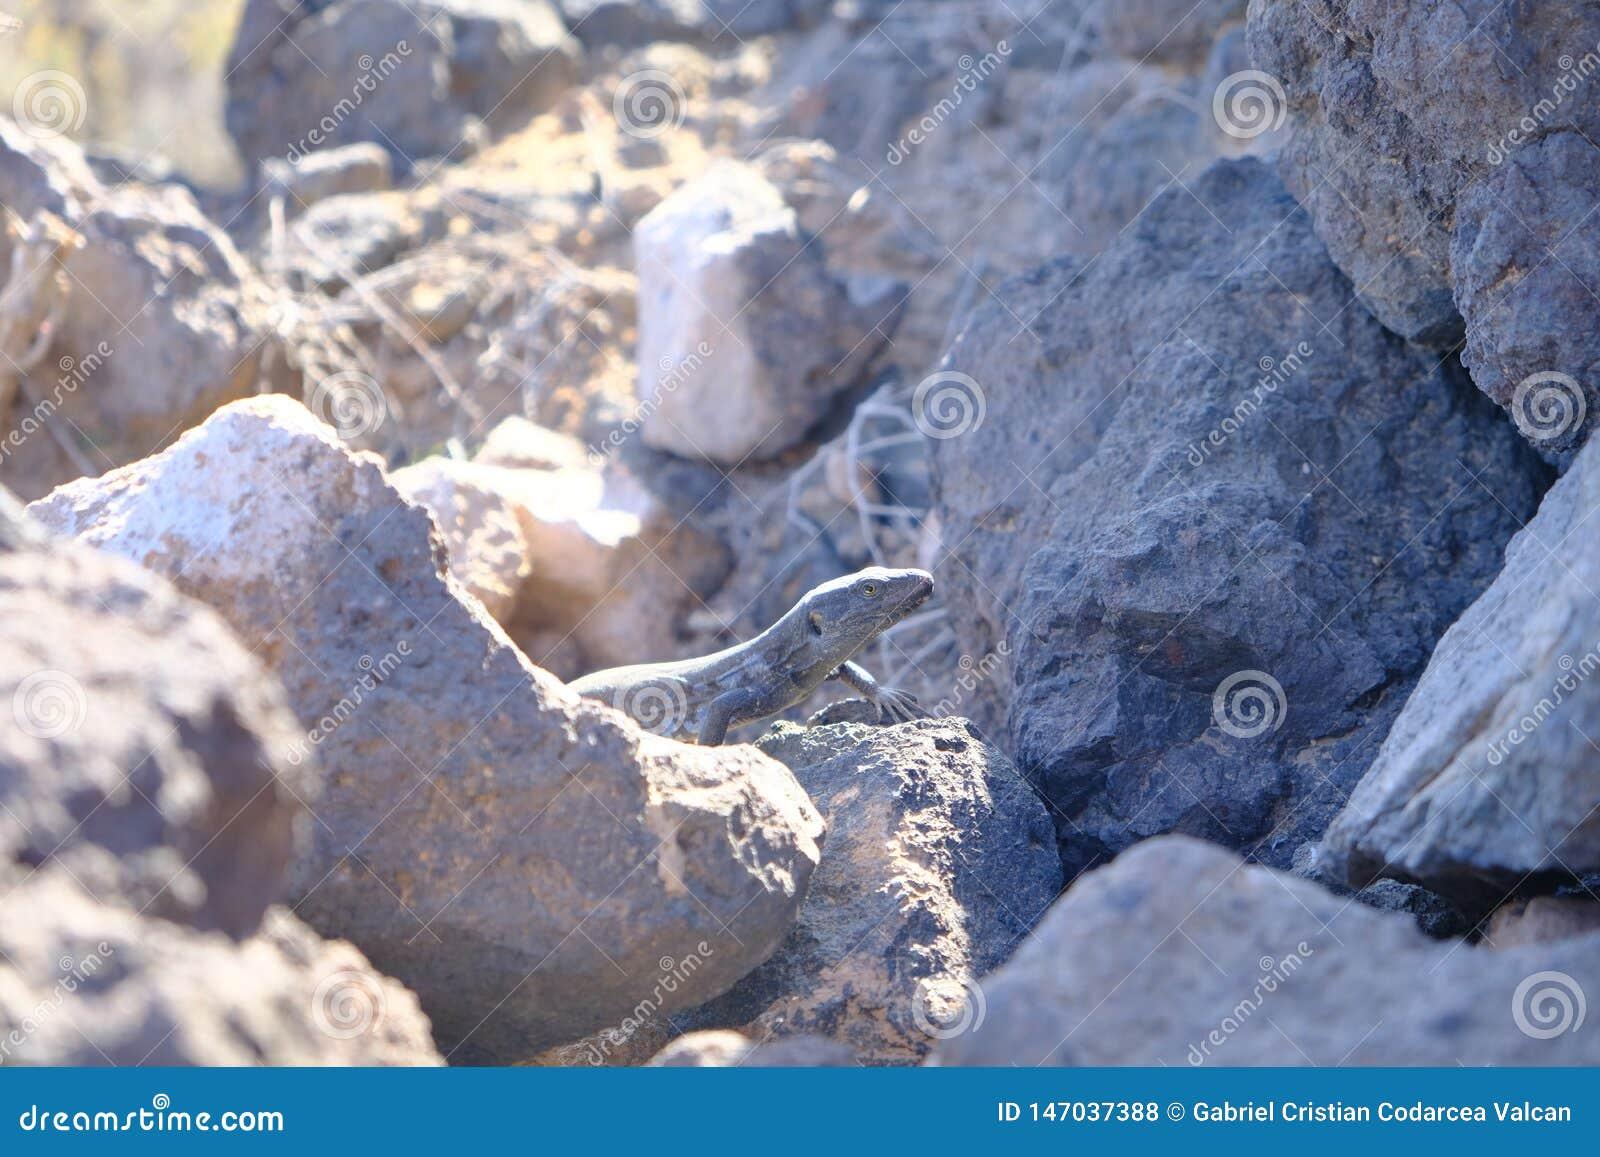 Dunkle Eidechse getarnt in den vulkanischen Felsen